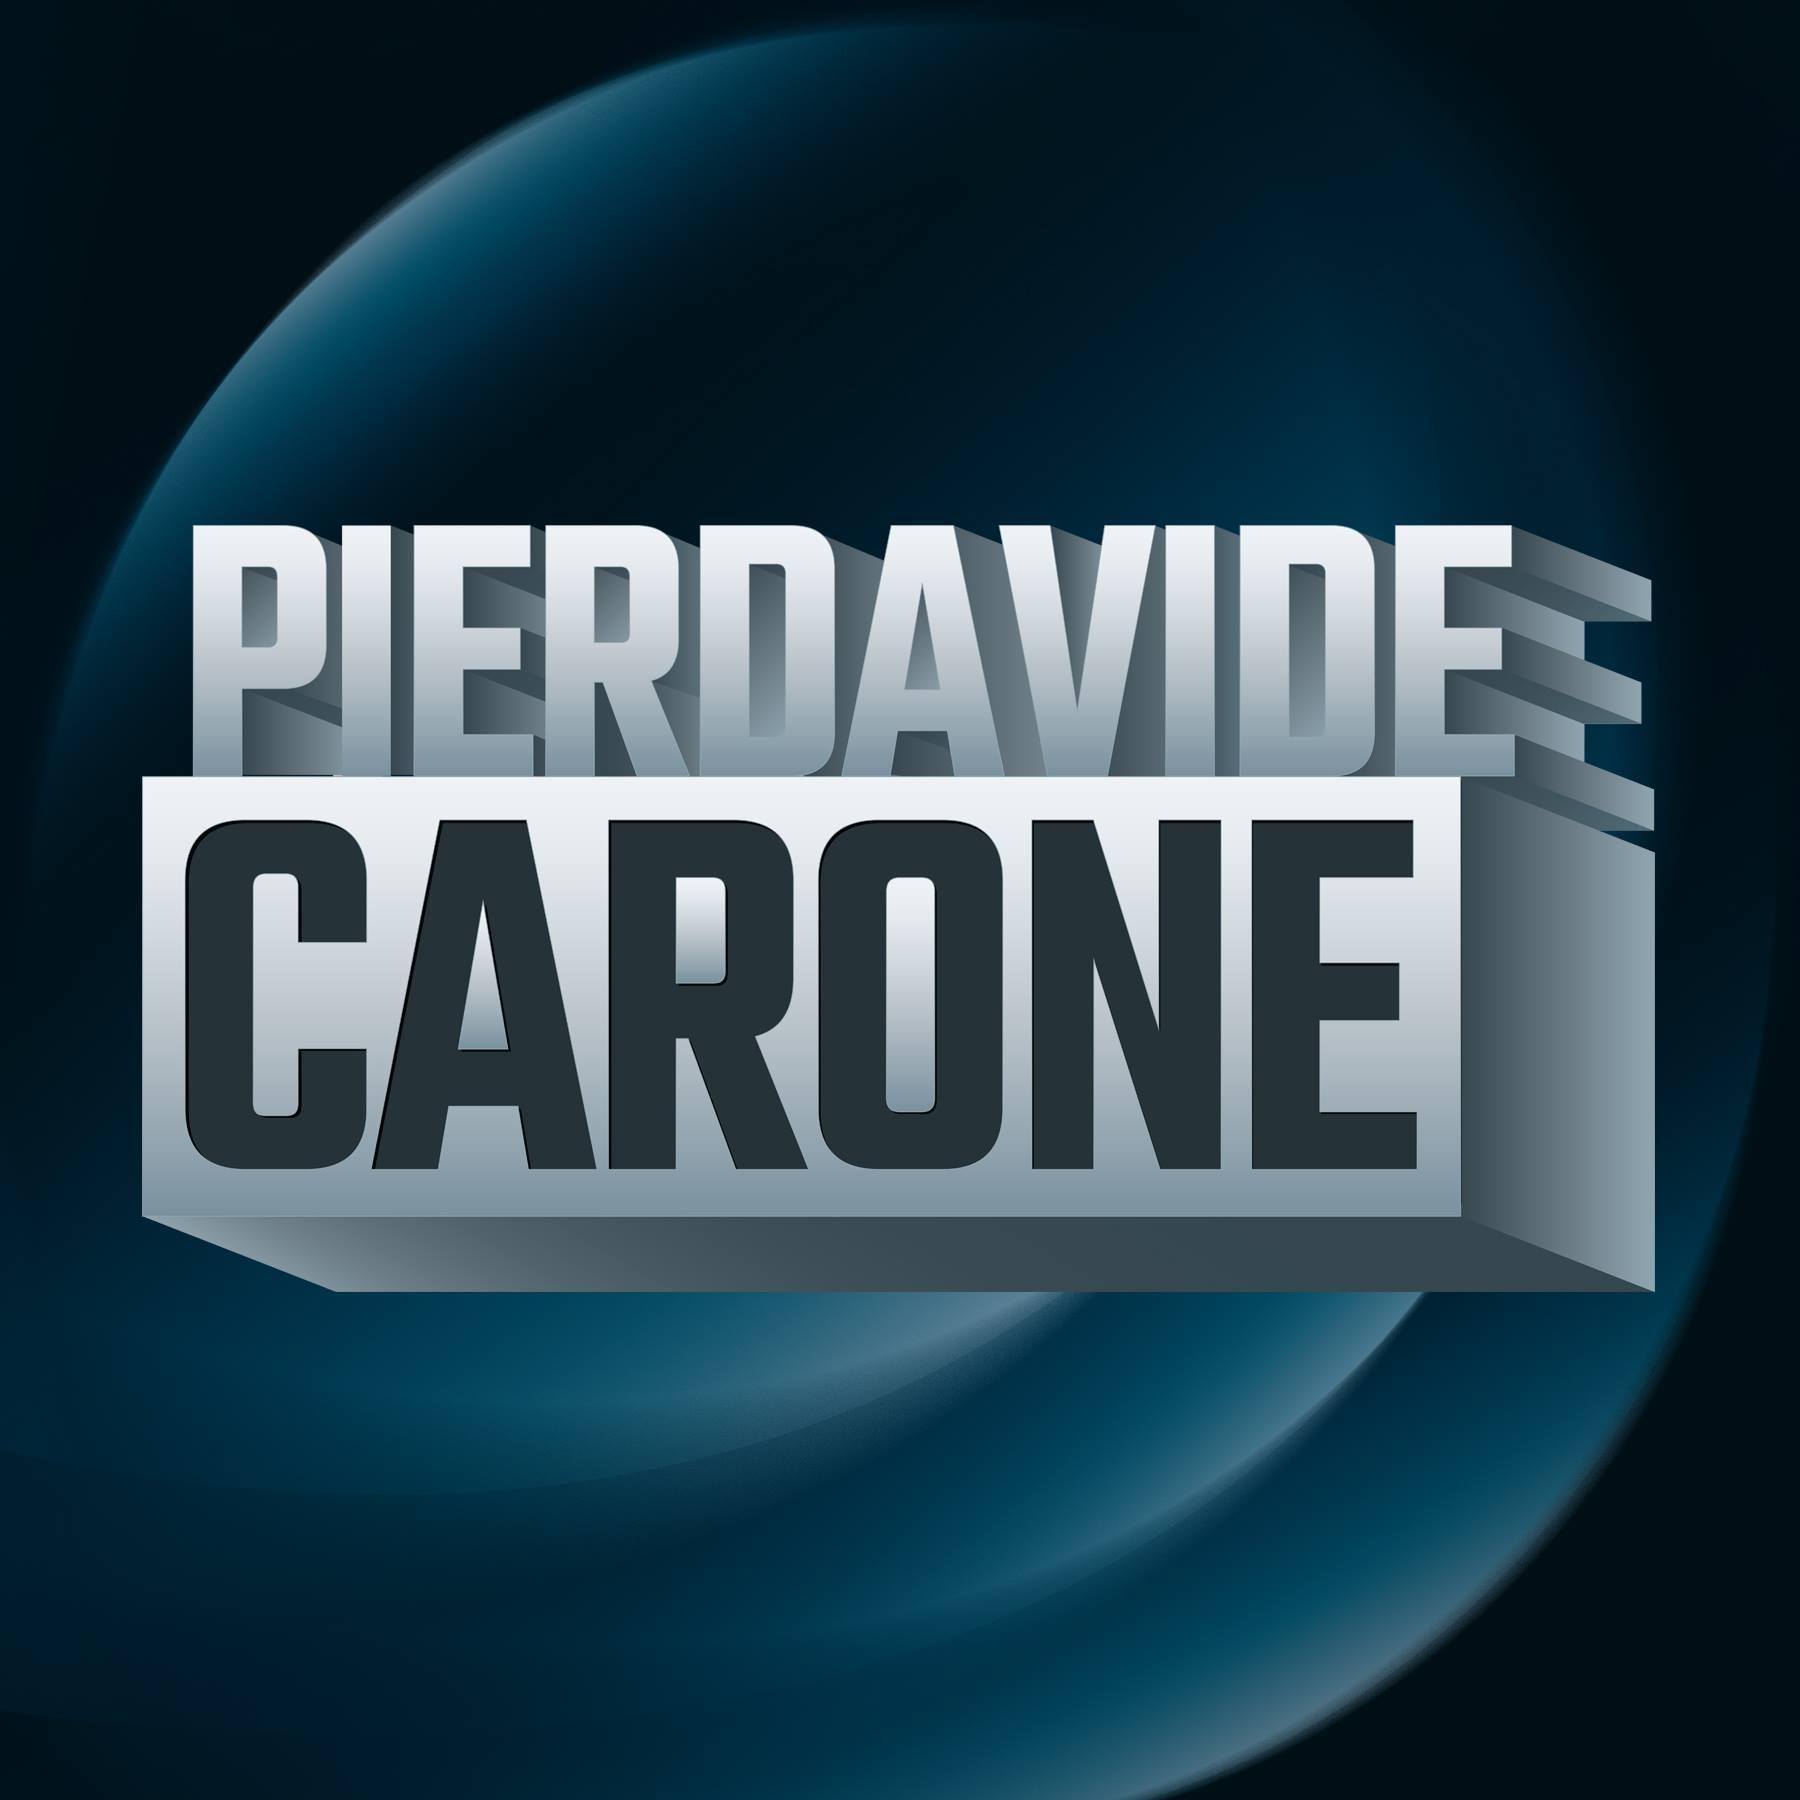 pierdavide-carone